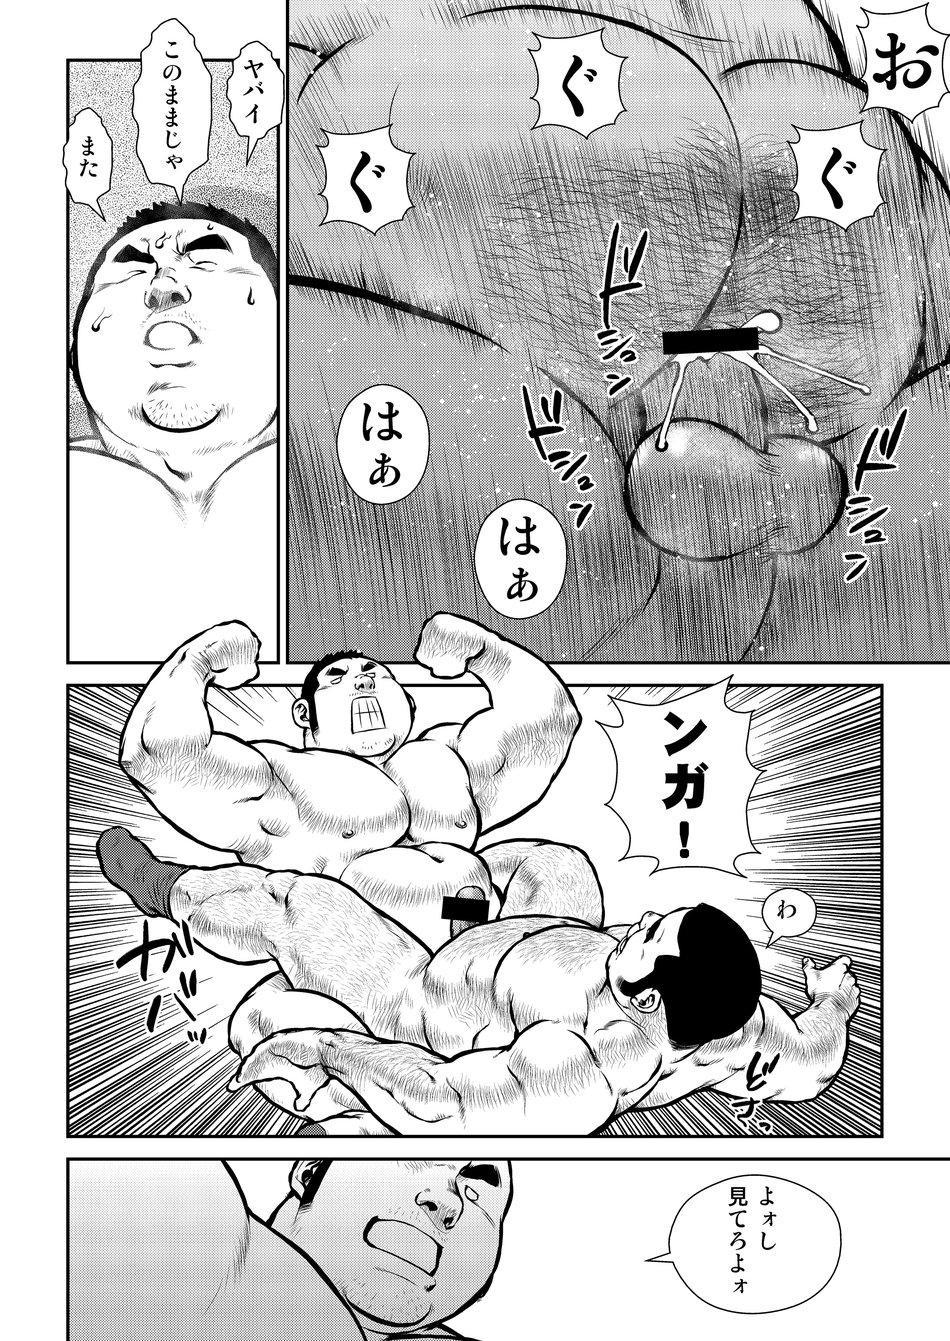 Hara Iso Hatsujou Seinendan Dai 4-wa 13